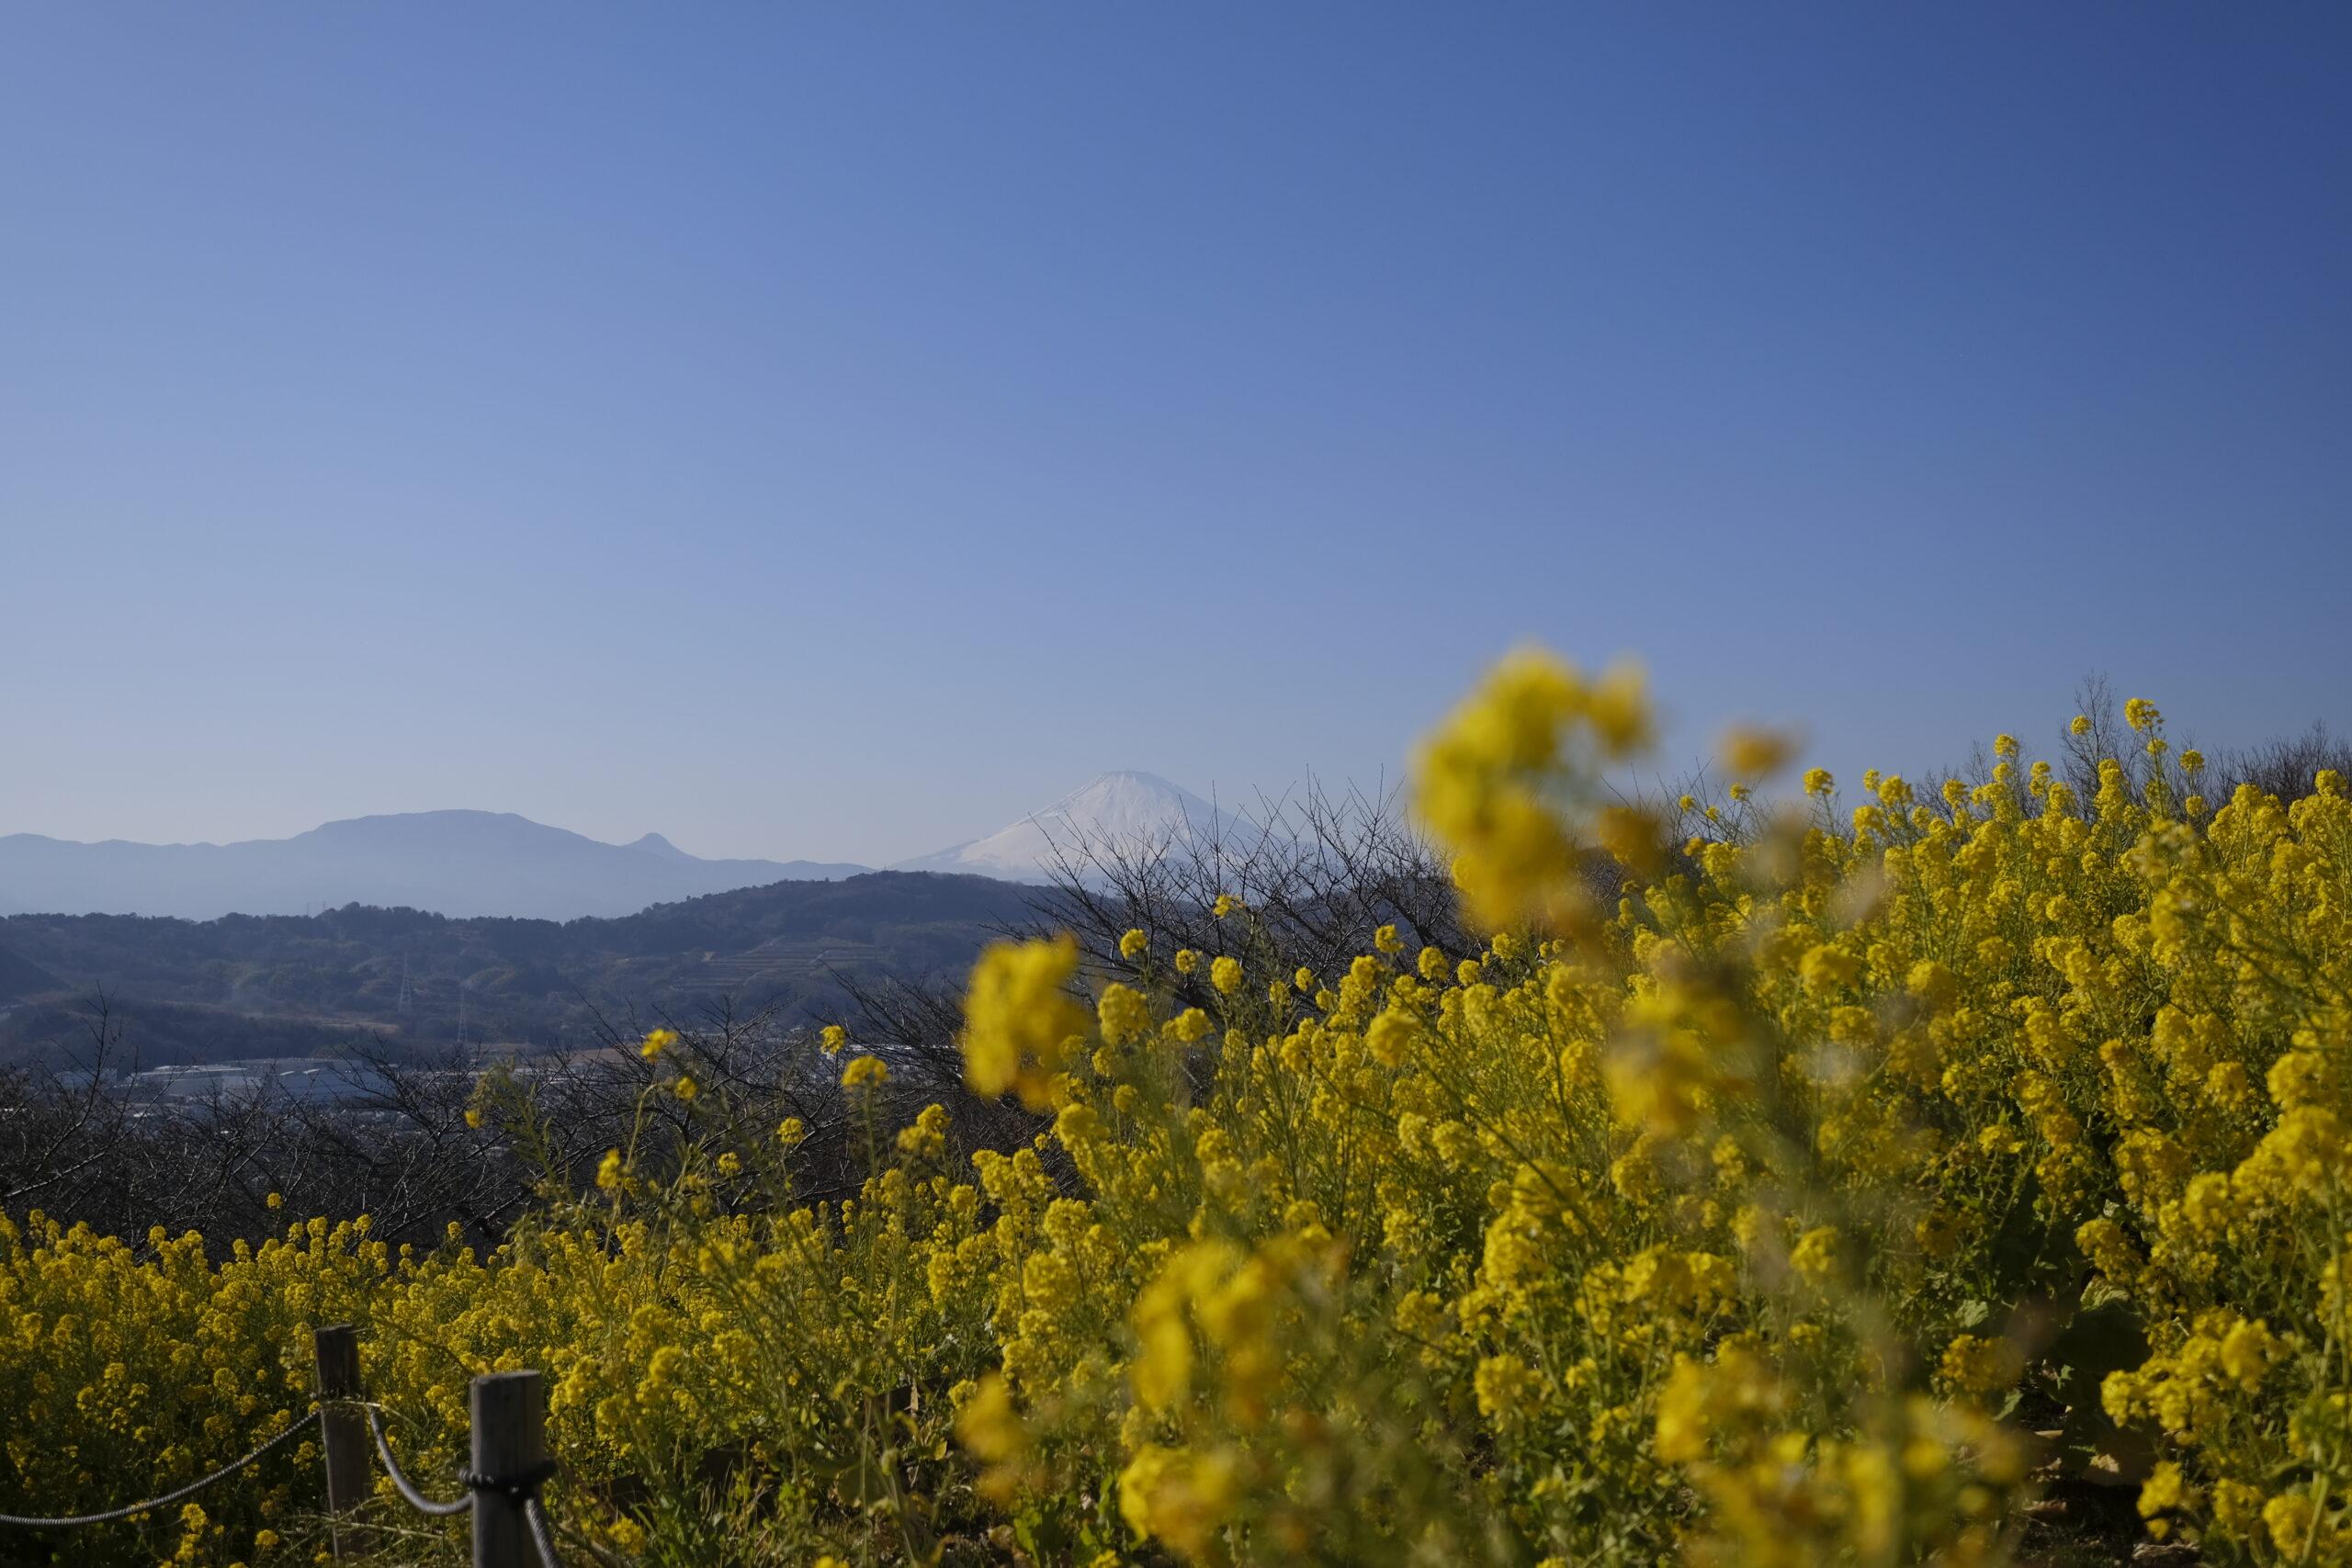 菜の花と富士山の写真